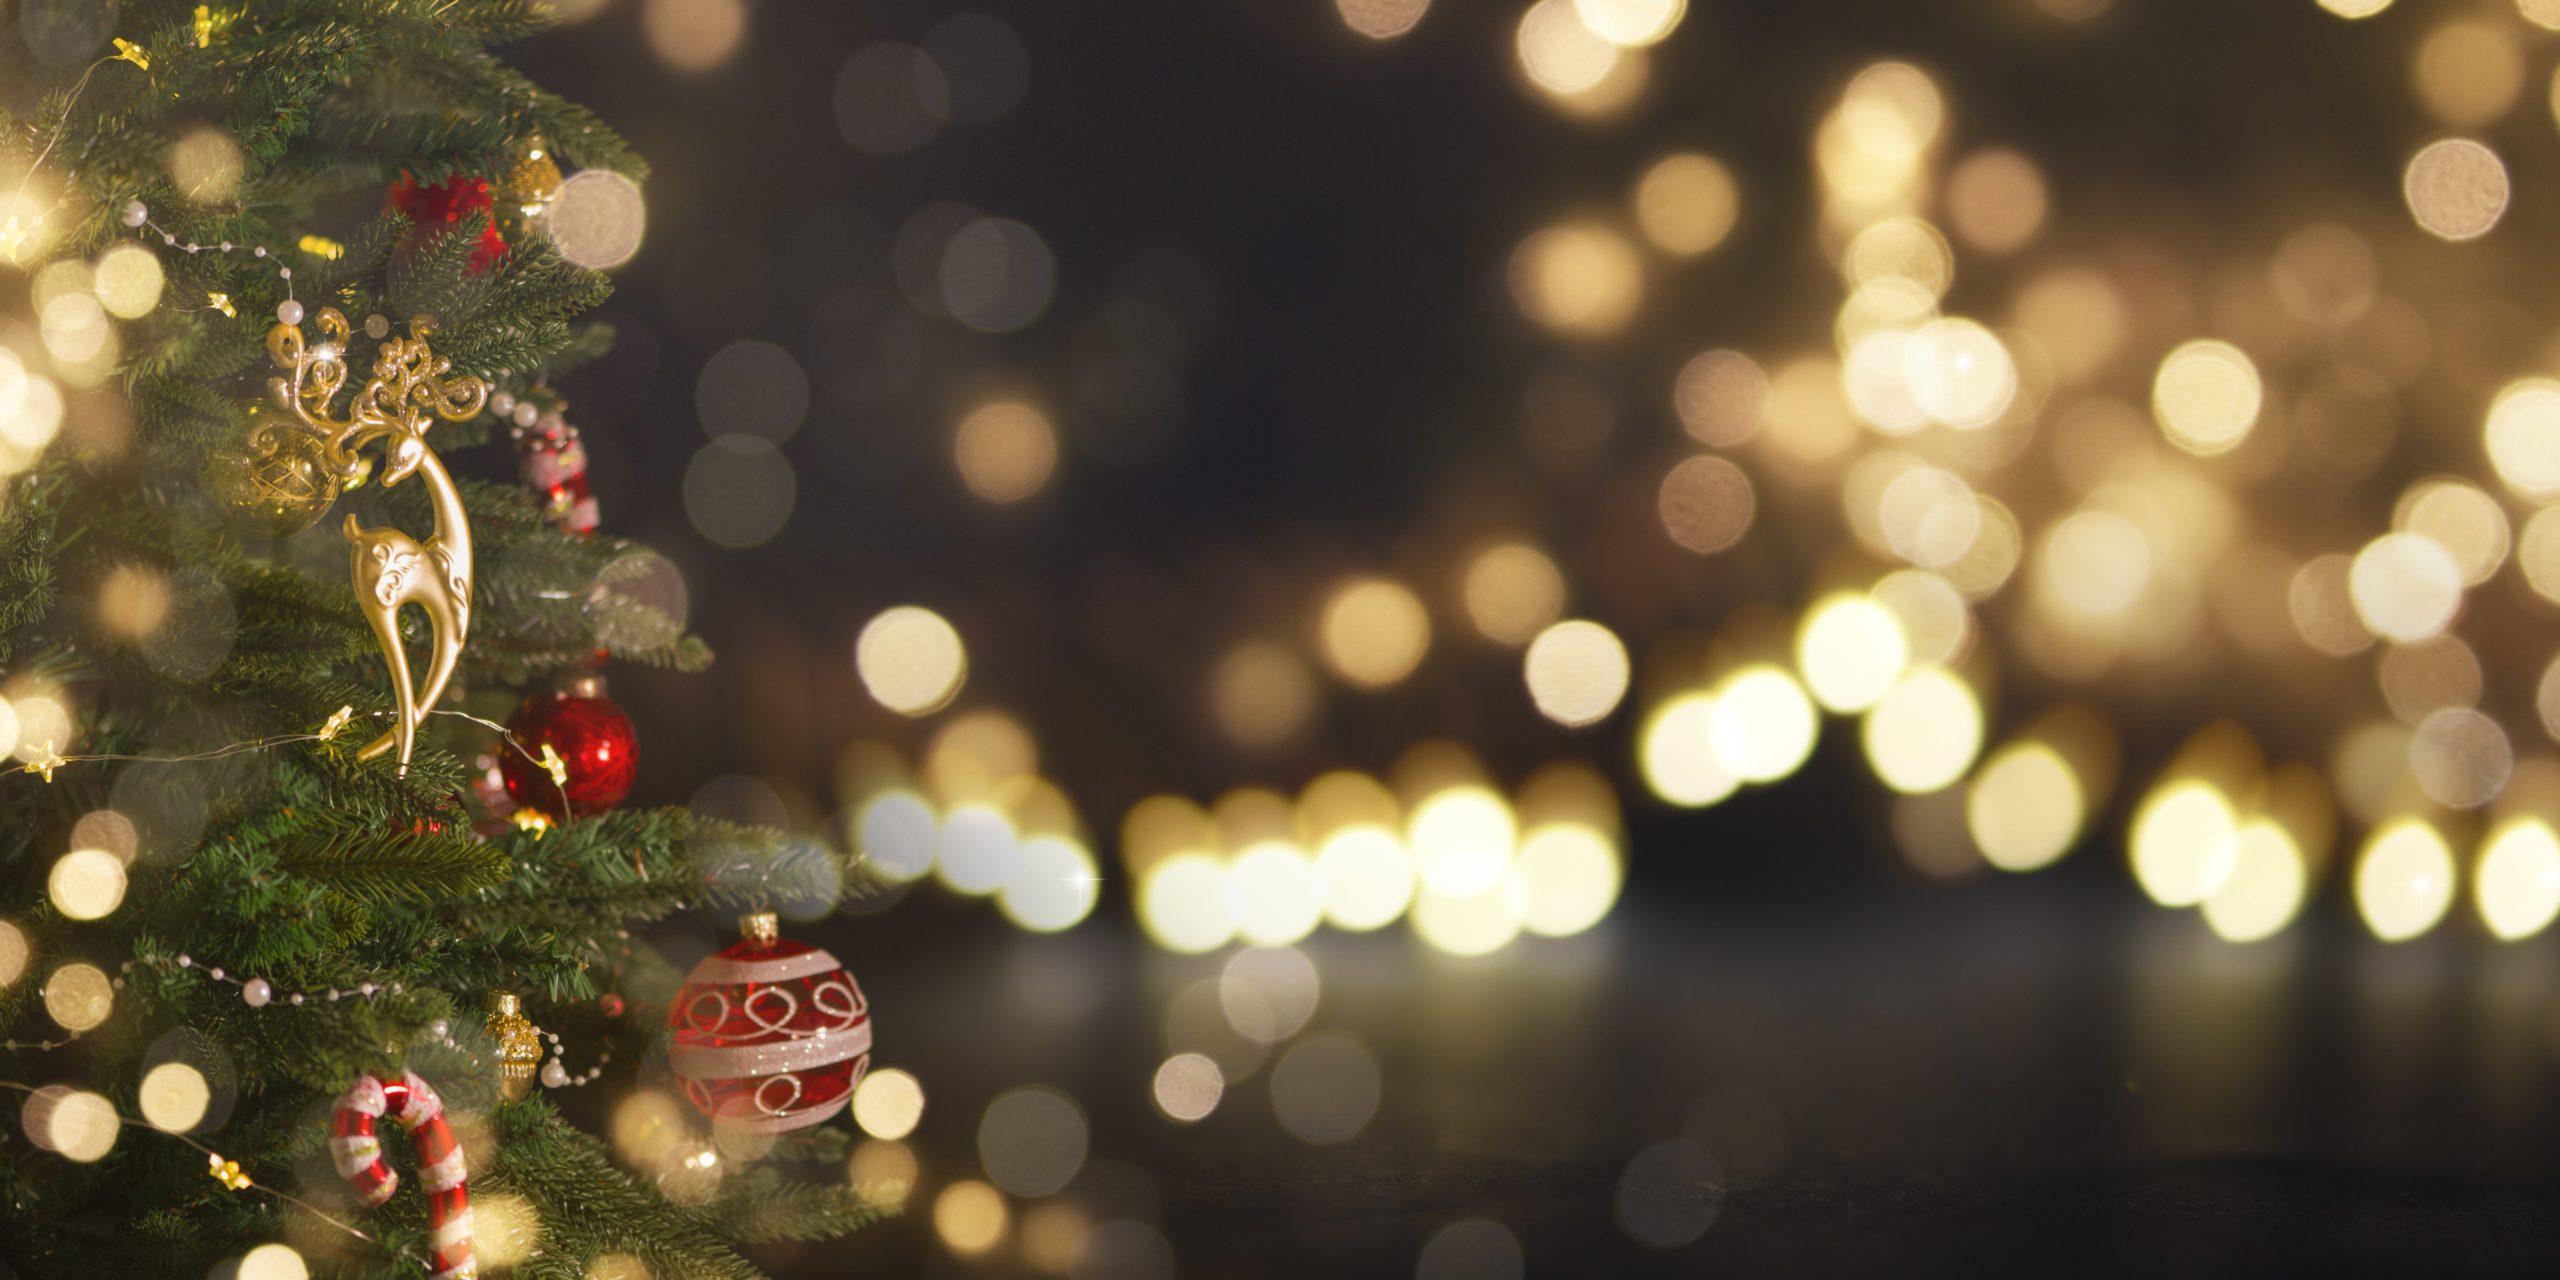 A Torino e provincia nel weekend si inizia a respirare l'atmosfera del Natale